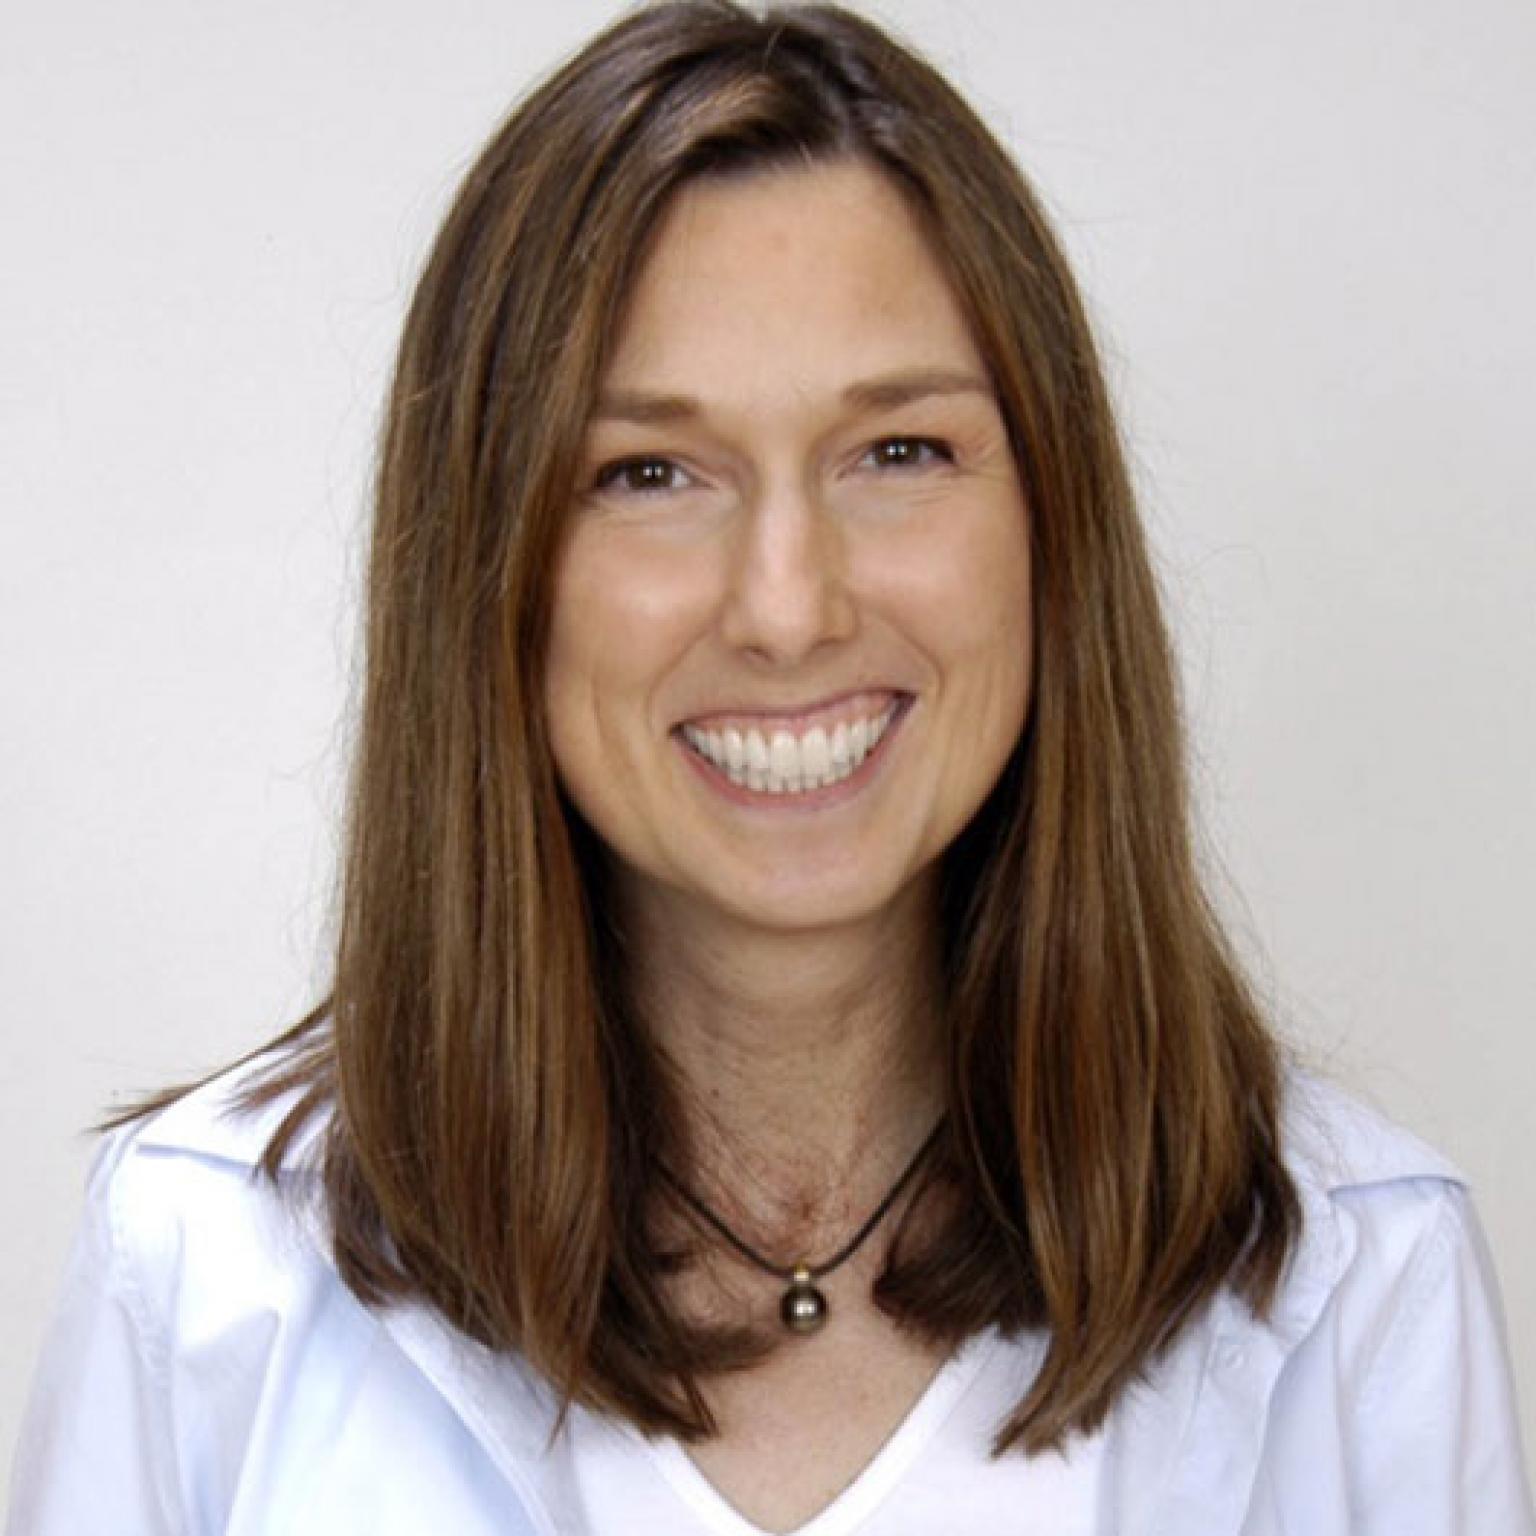 Katja Brueckner